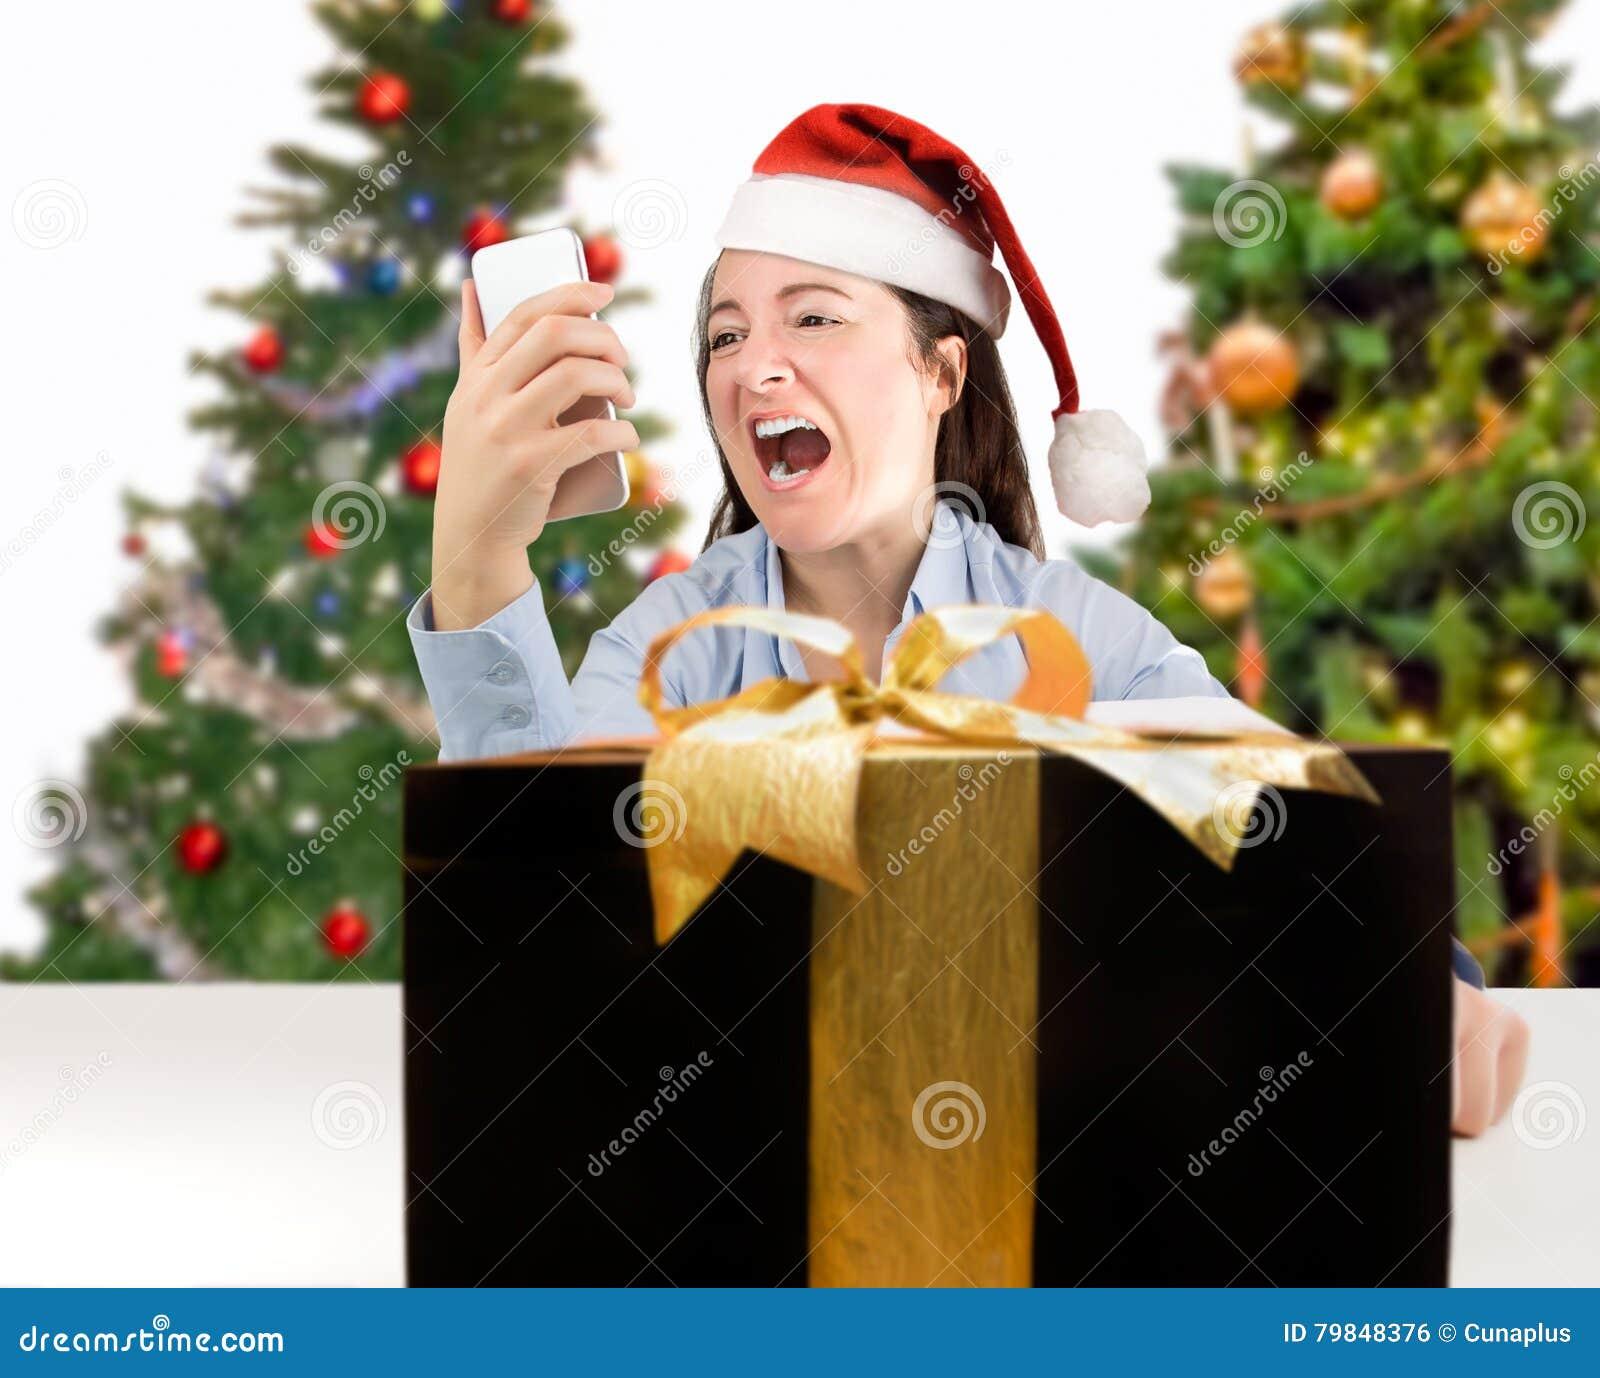 Неправильный подарок